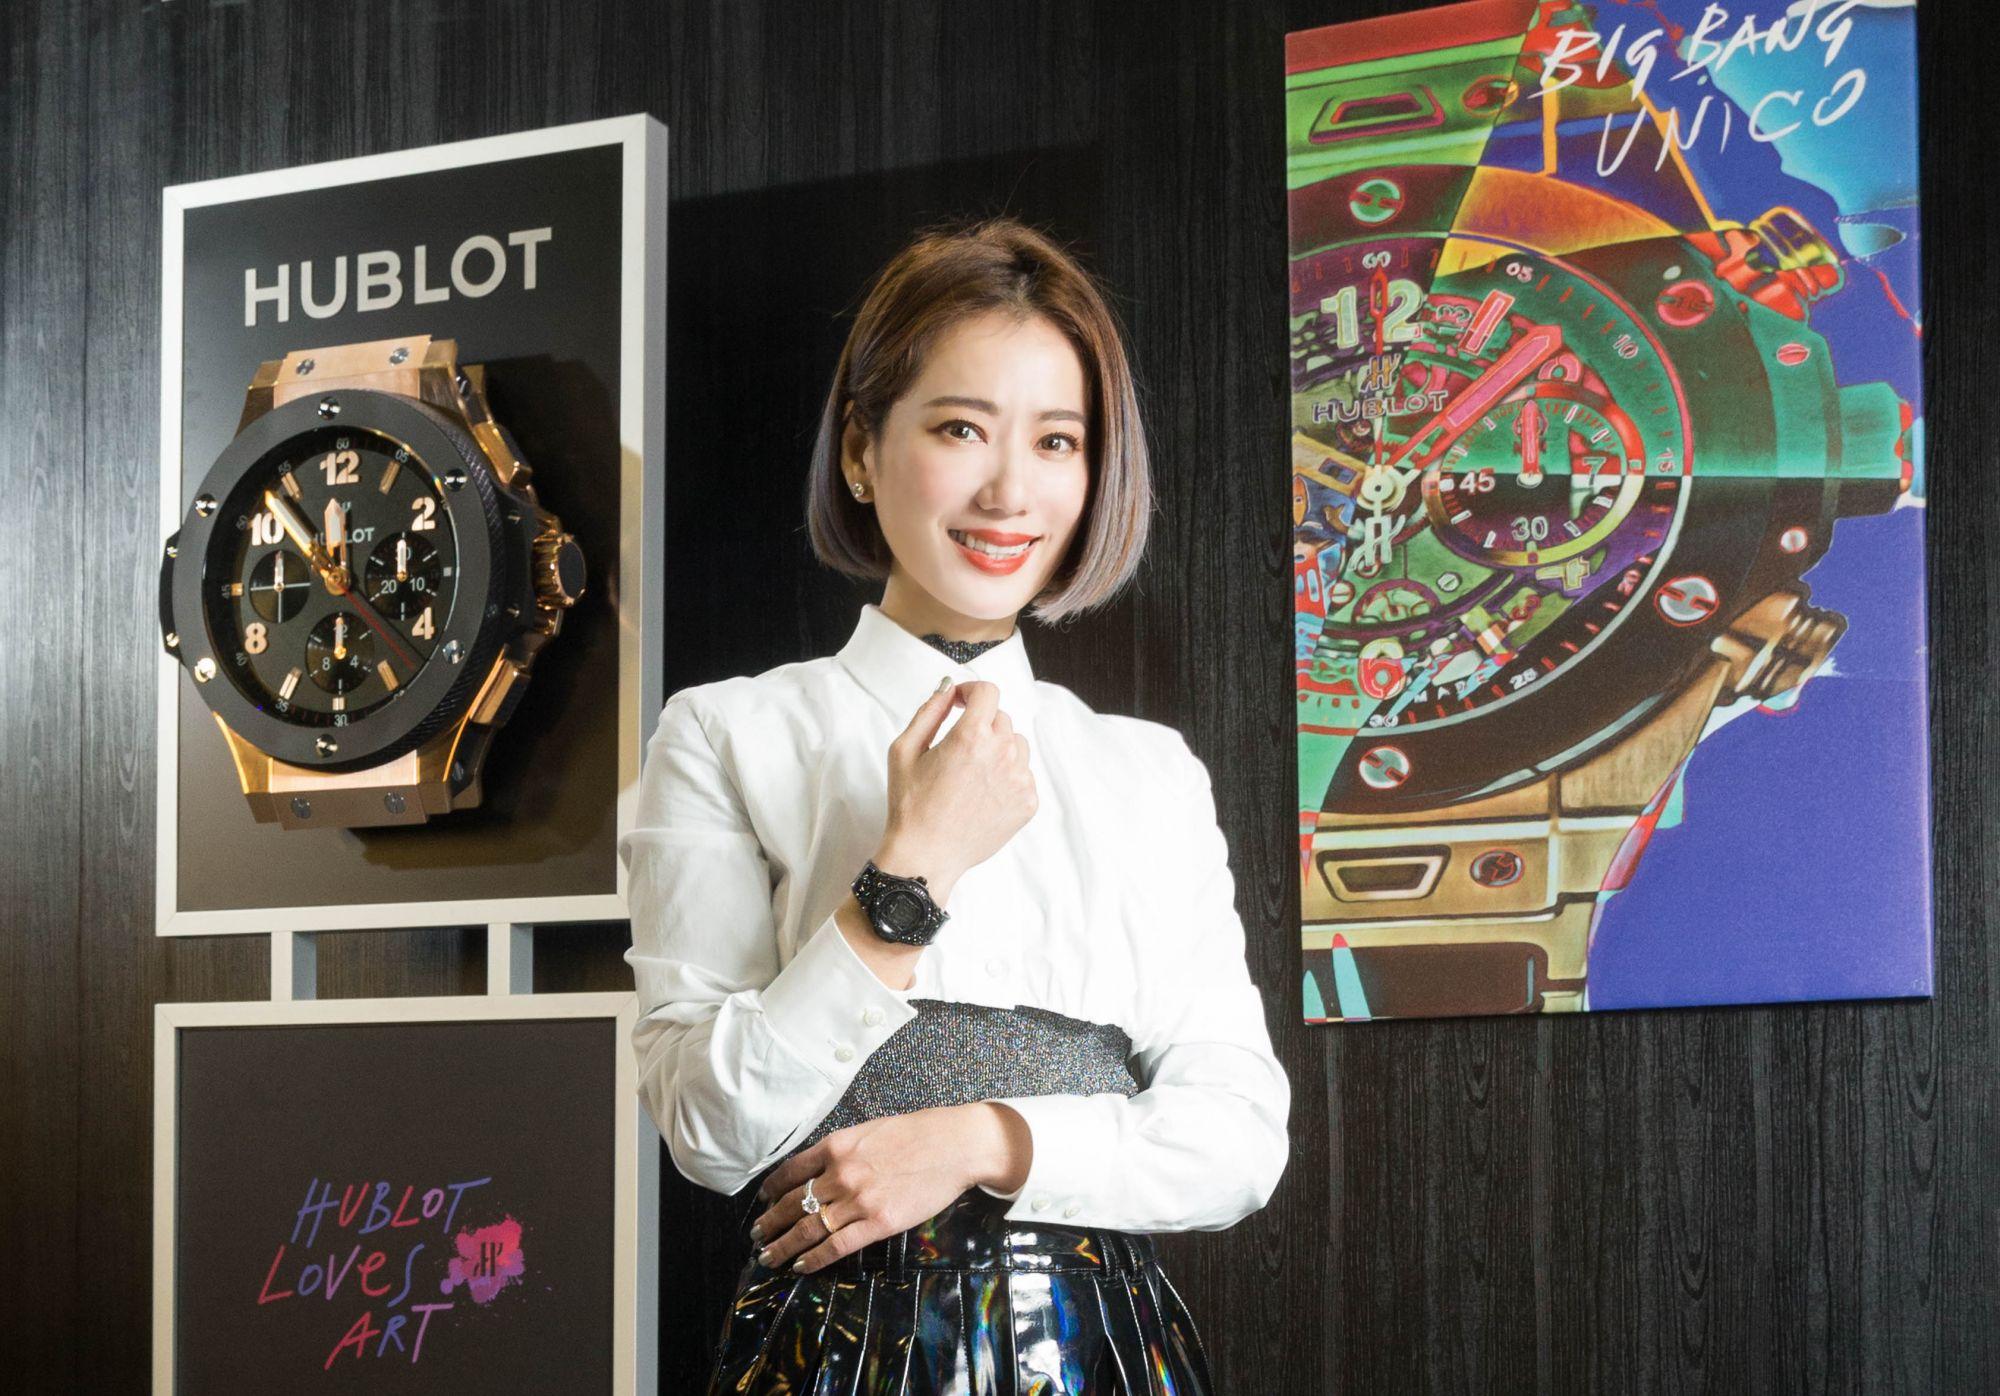 首屆台北當代藝術博覽會官方計時,HUBLOT用時計串連對藝術的熱情